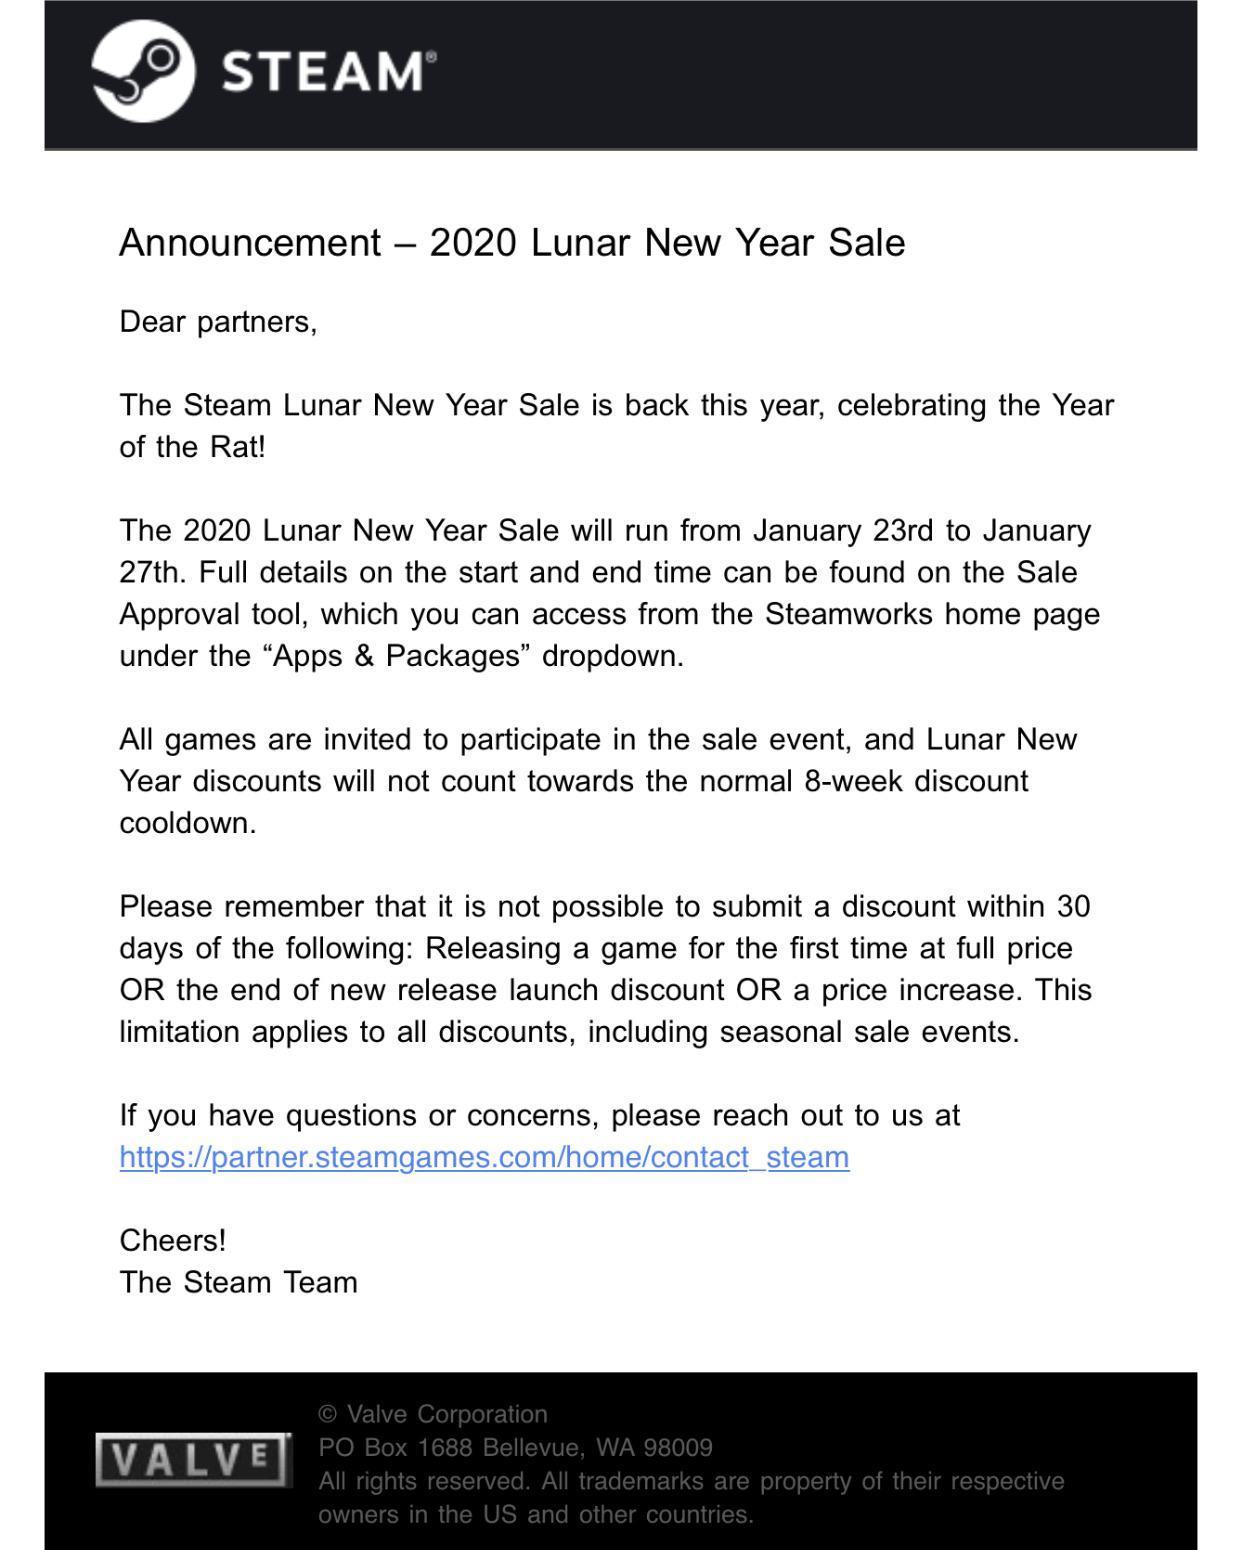 Слух: Лунная распродажа в Steam начнется 23 января